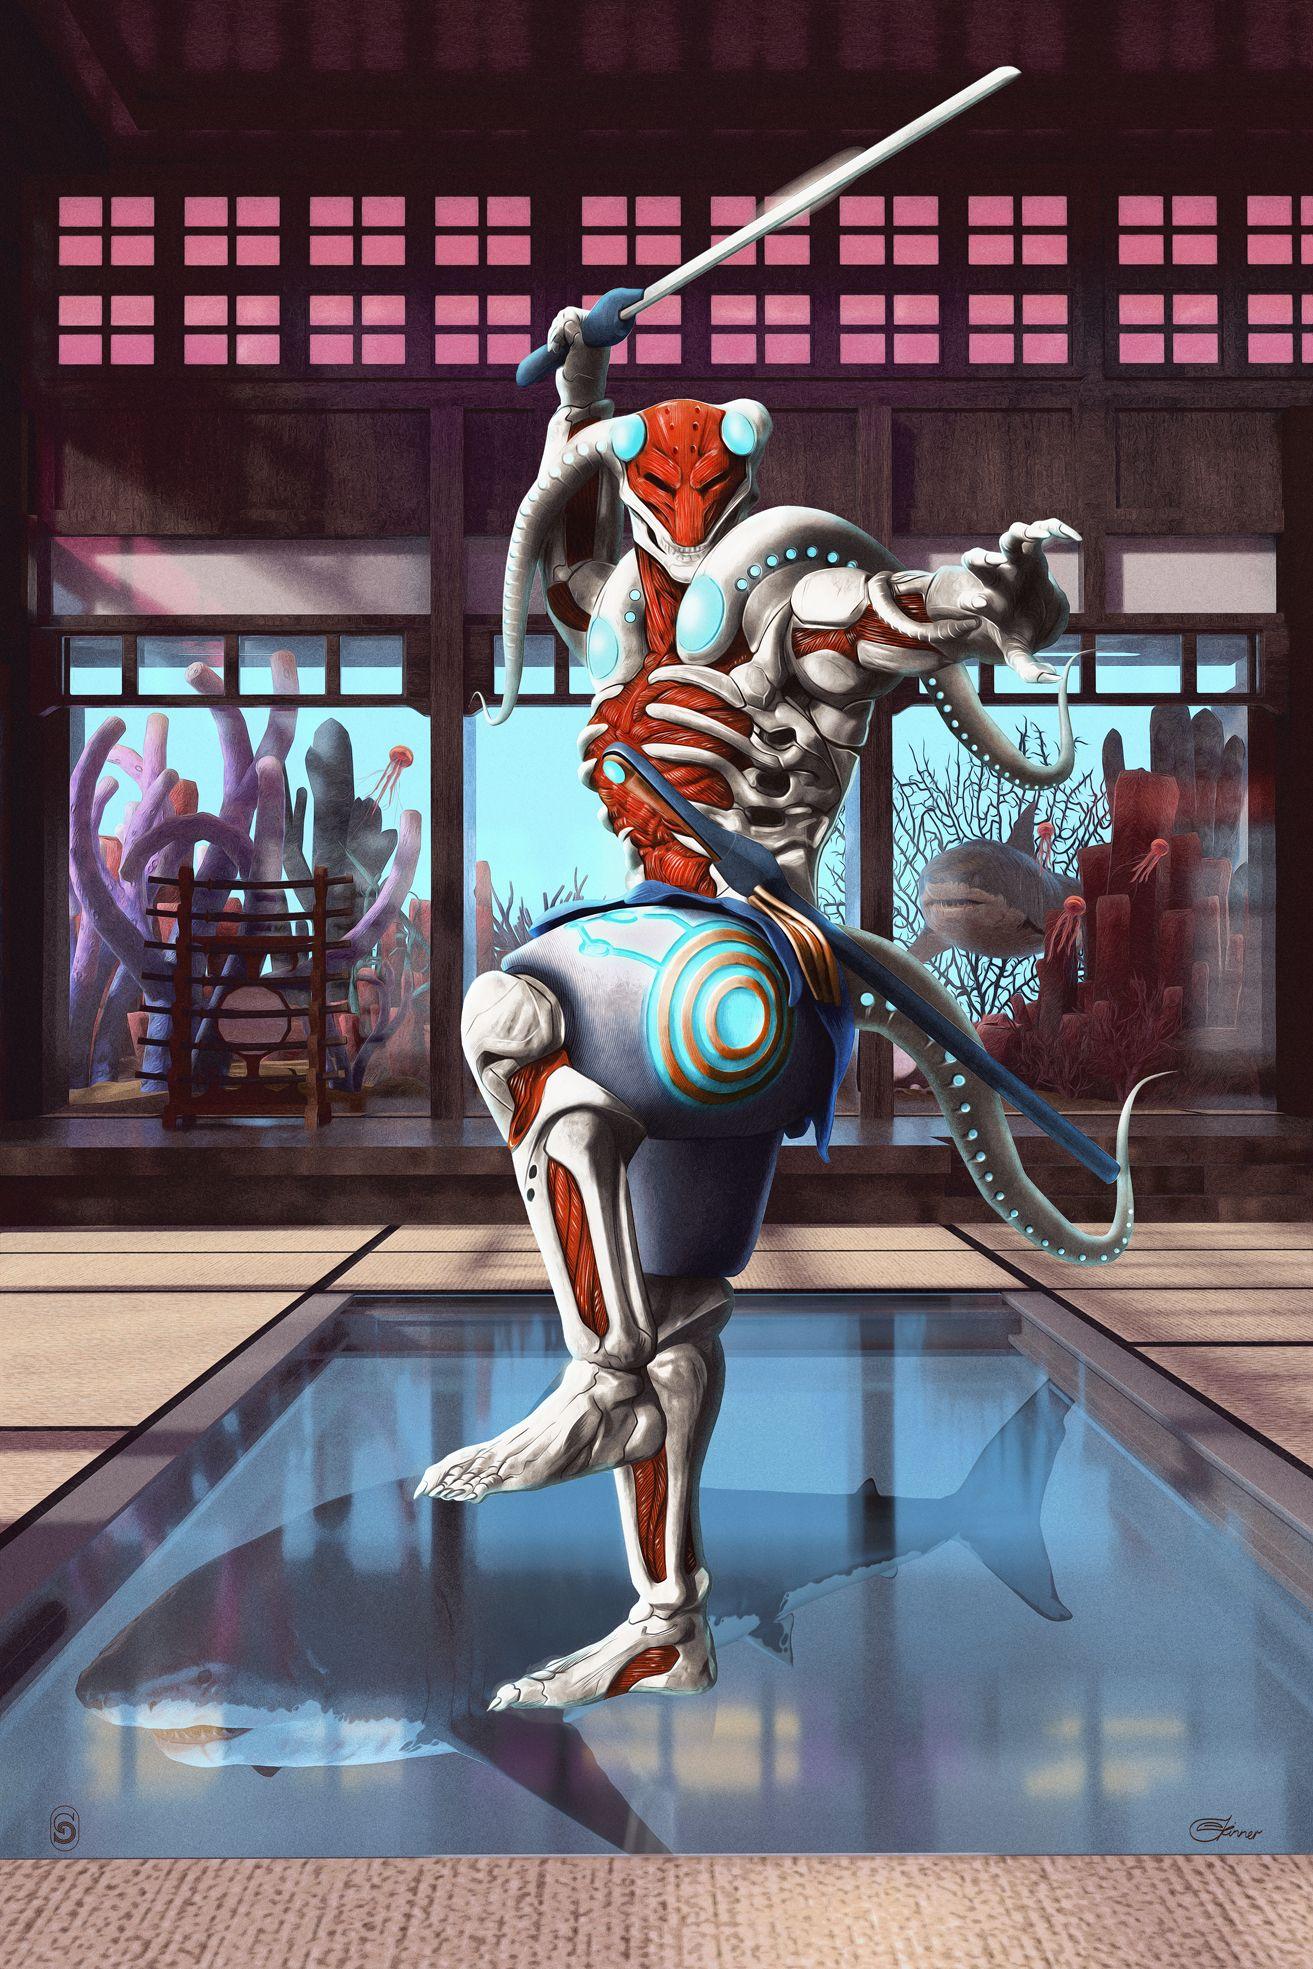 Yoshimitsu Tekken 7 Chris Skinner Debut Art